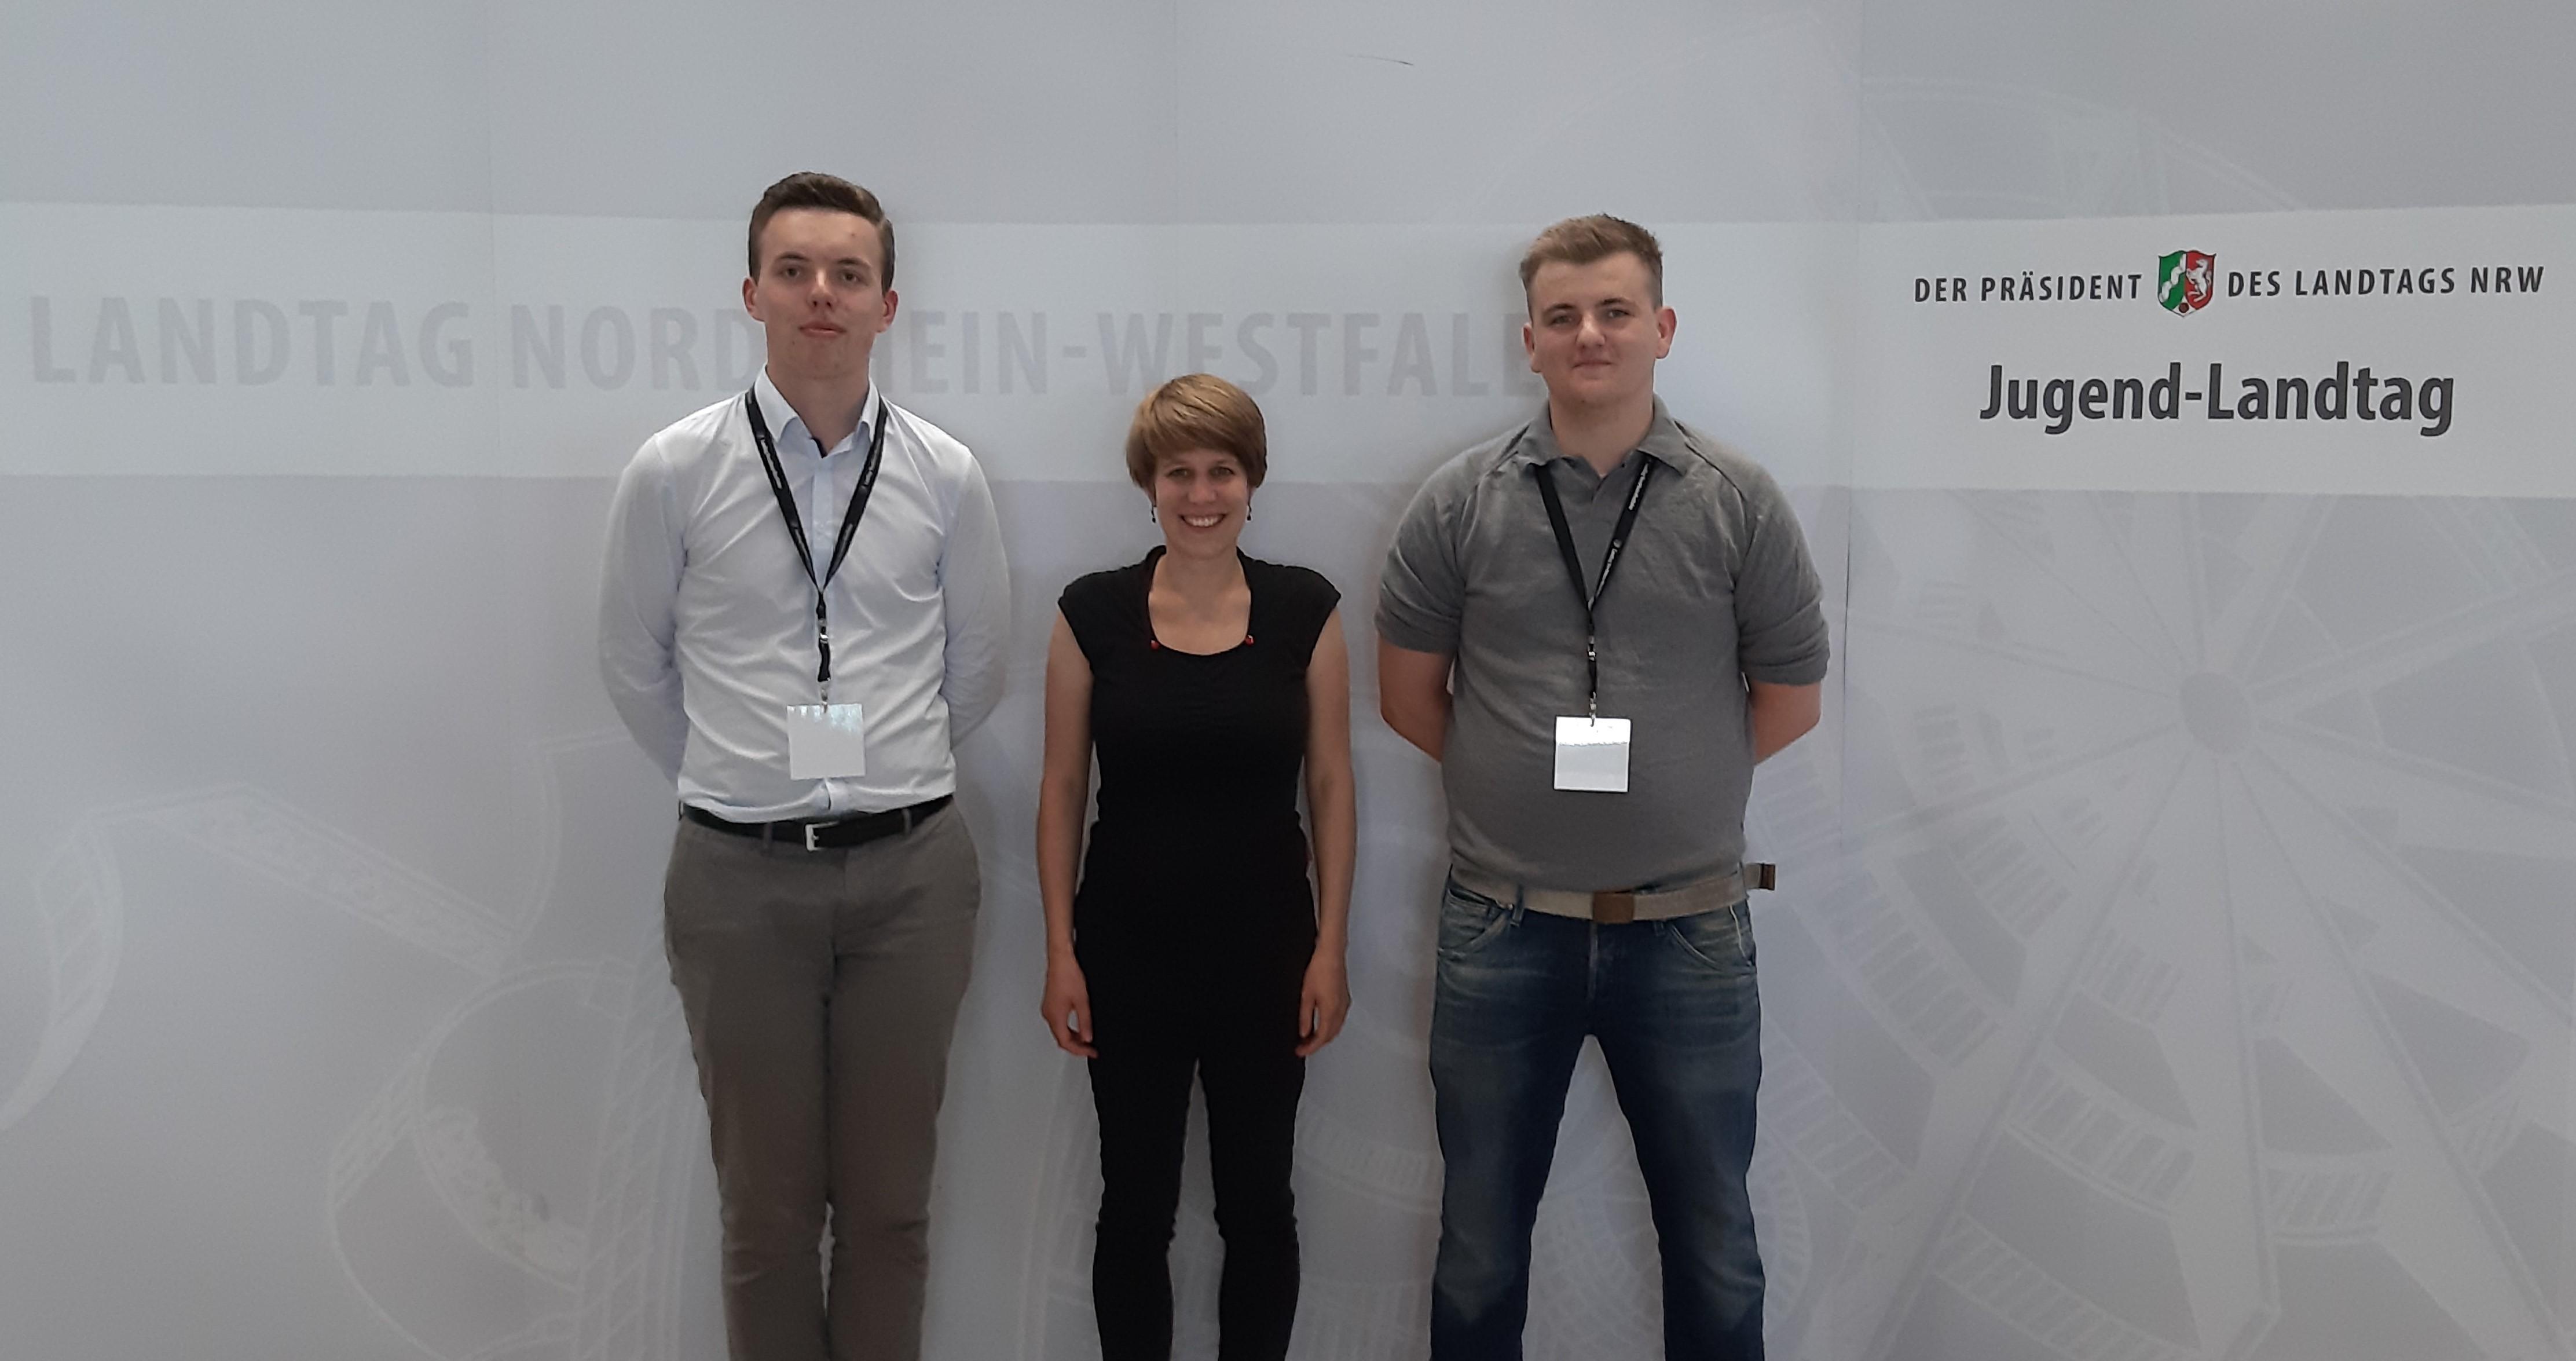 Ennepe-Ruhr-Kreis stark bei Jugend-Landtag vertreten